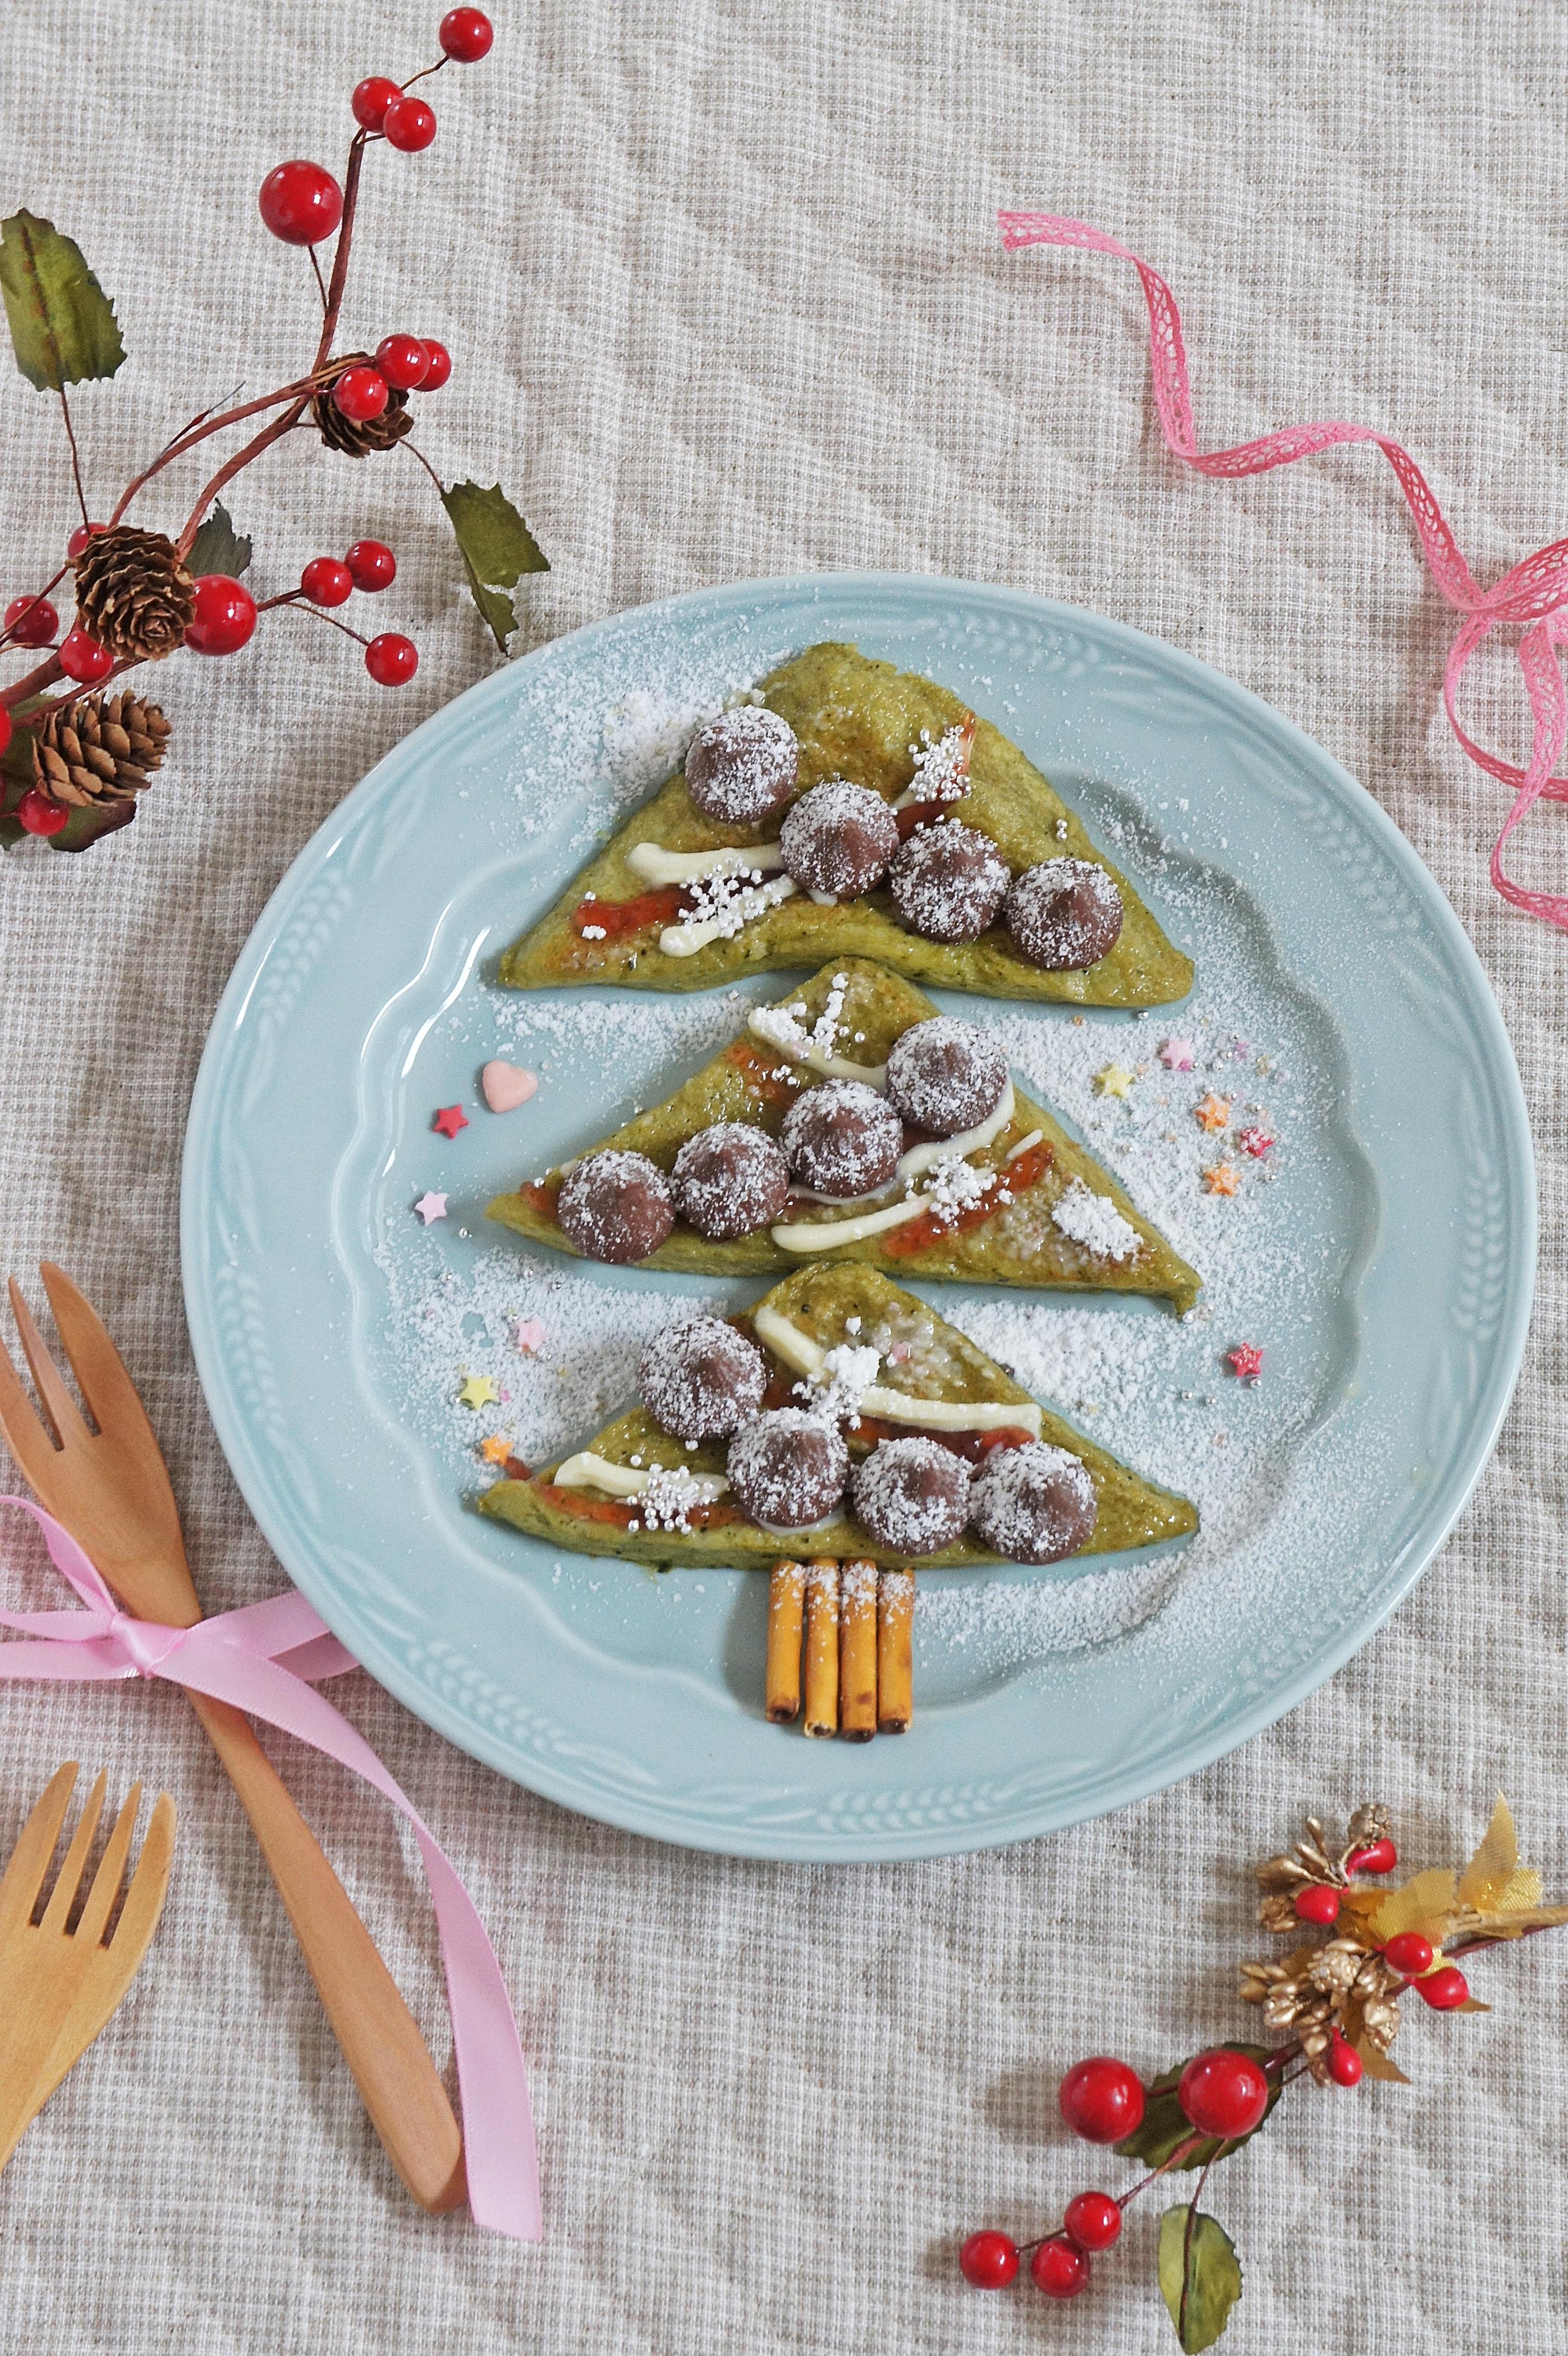 【掲載】ロッテハーシーチョコレートでクリスマスフレンチトースト